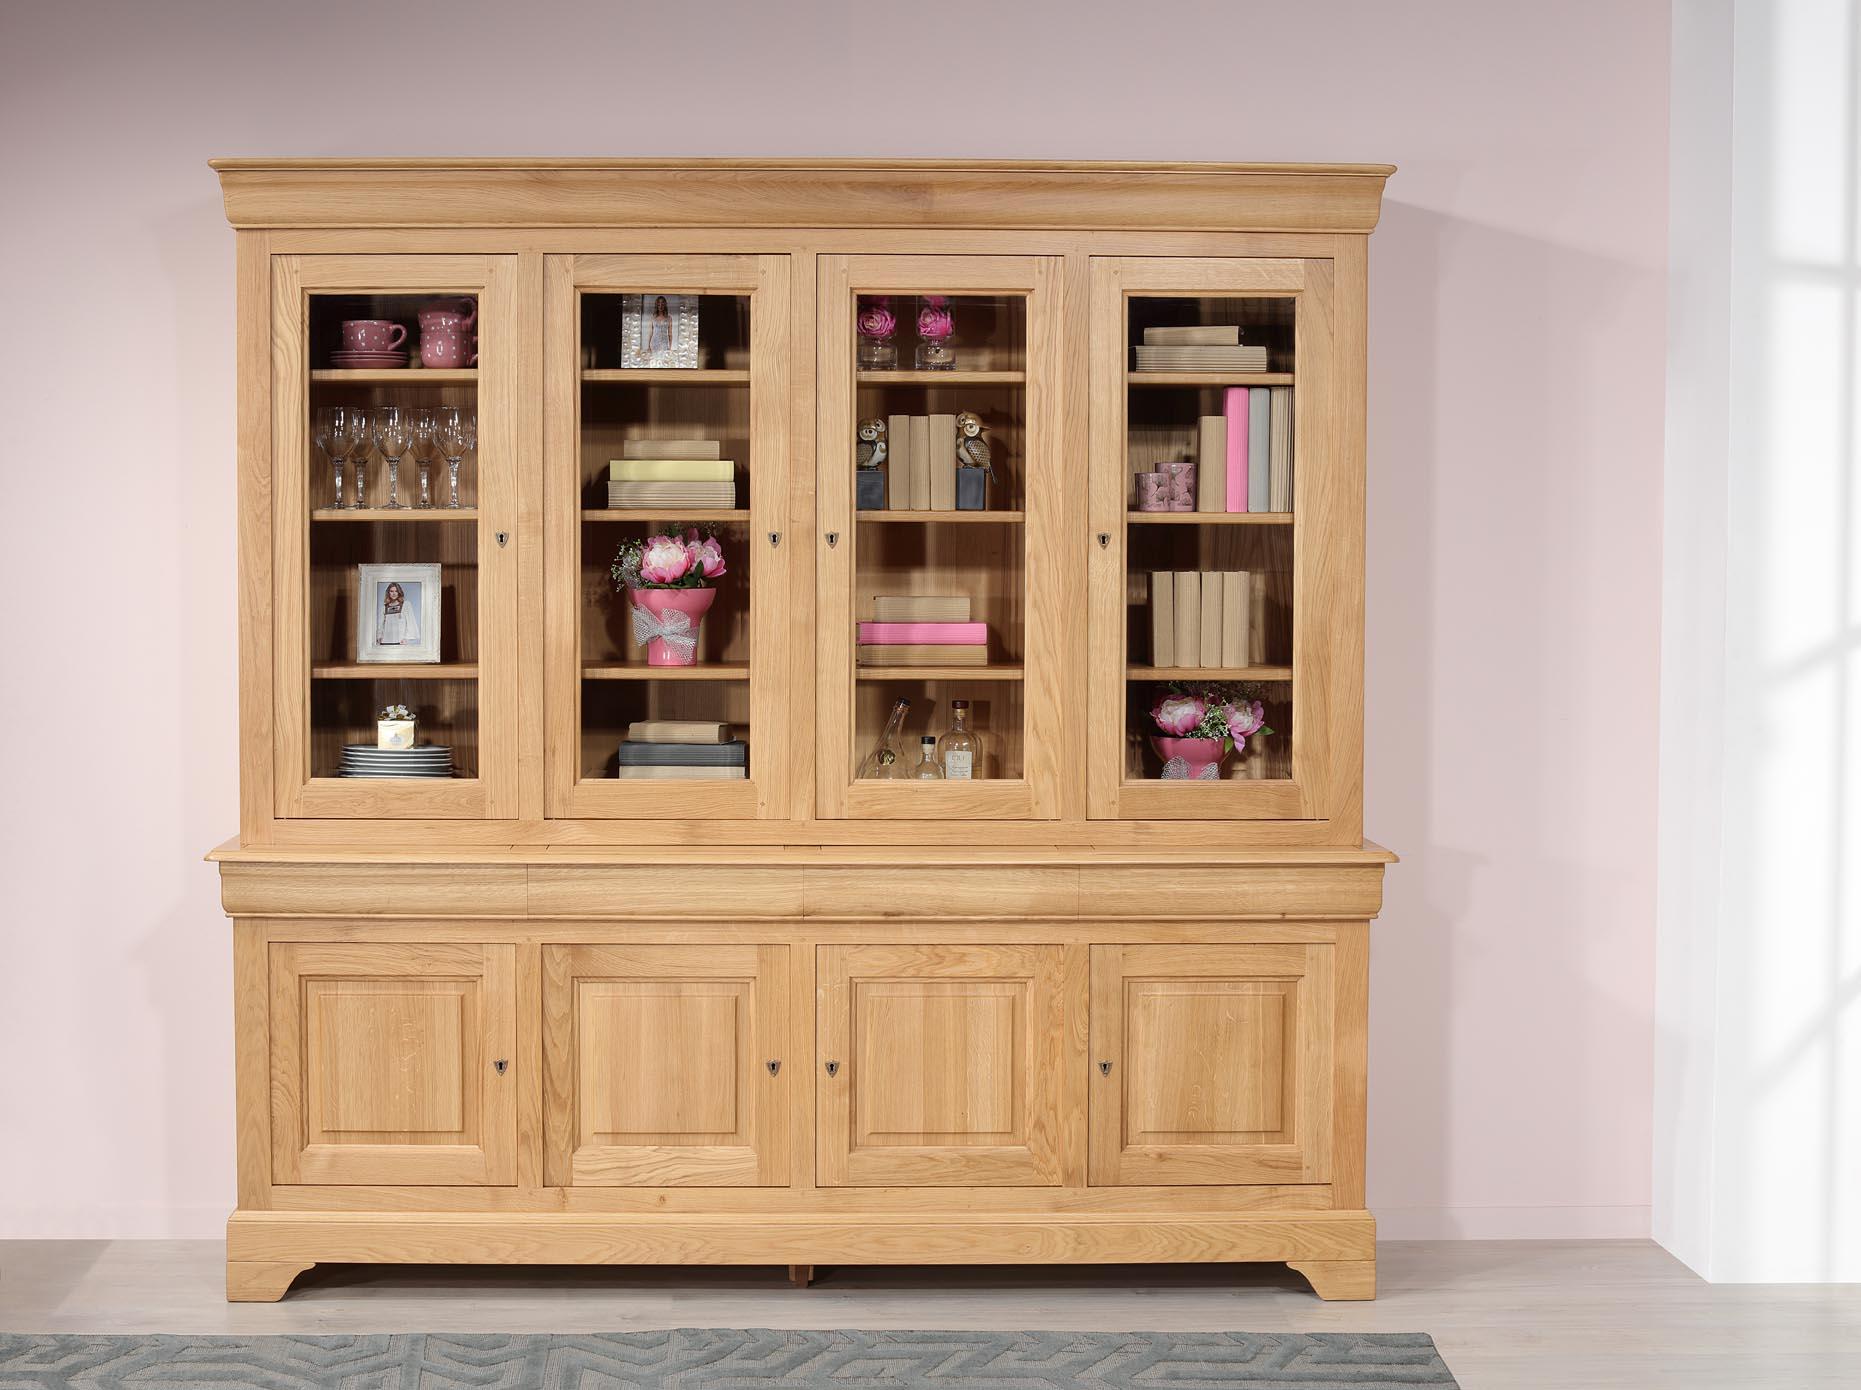 Biblioteca de 4 puertas fabricada en madera de roble macizo estilo Louis Philippe